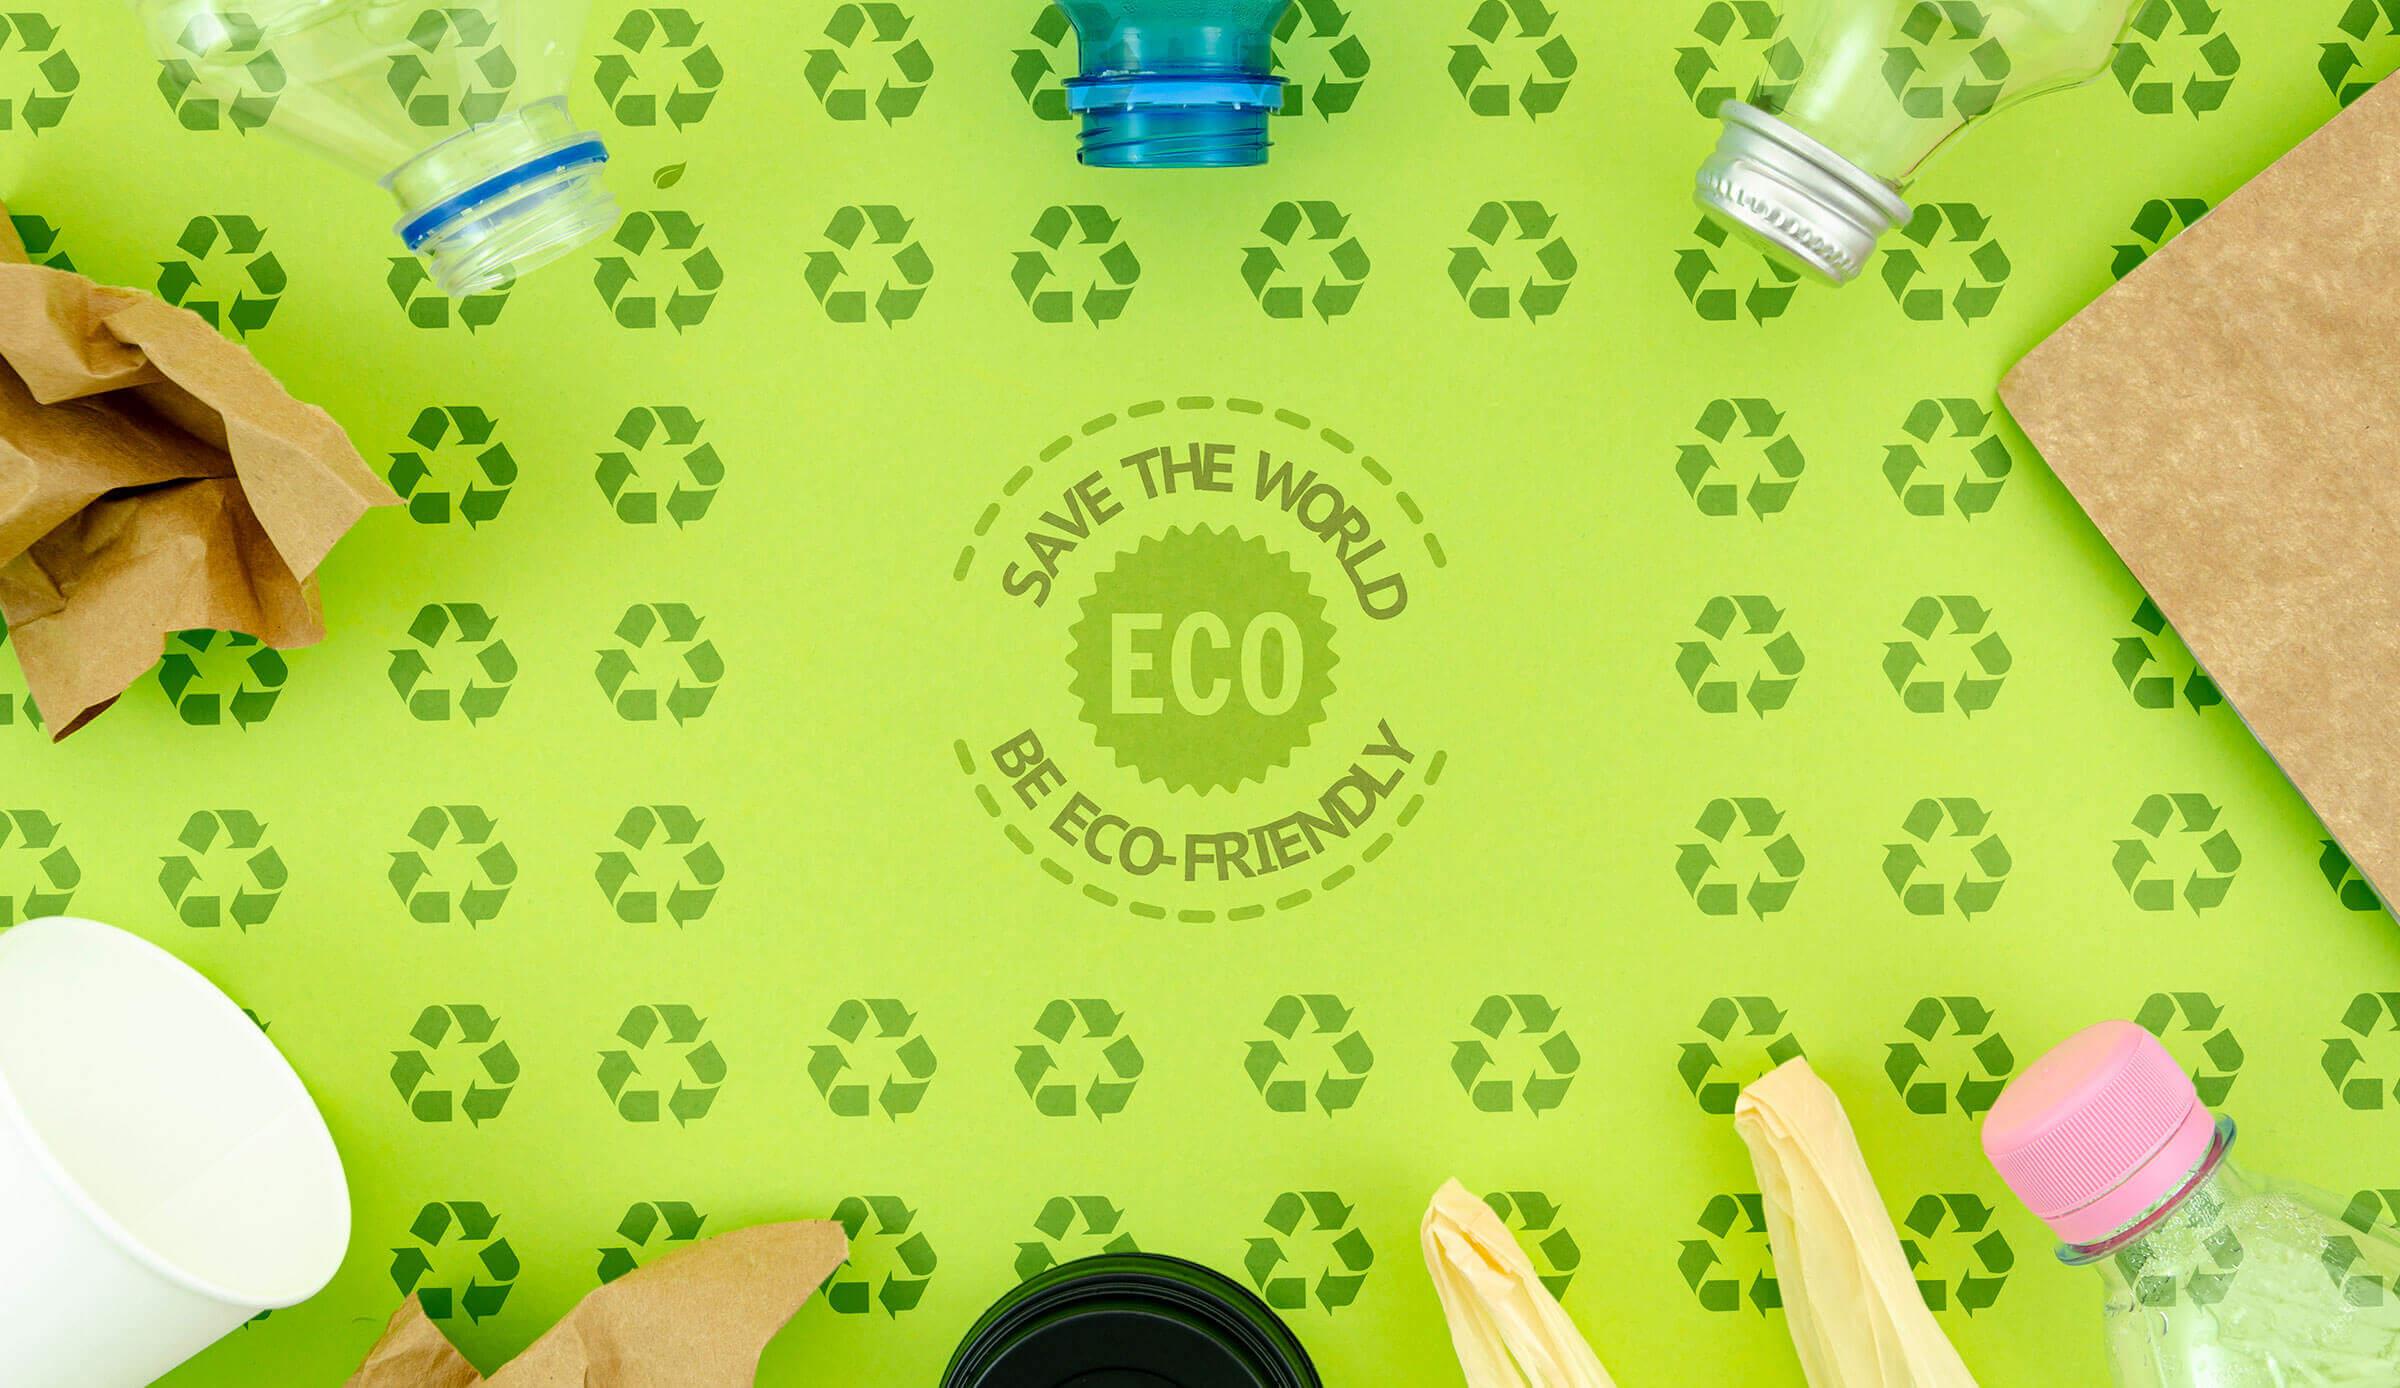 ekologiczne projektowanie opakowań